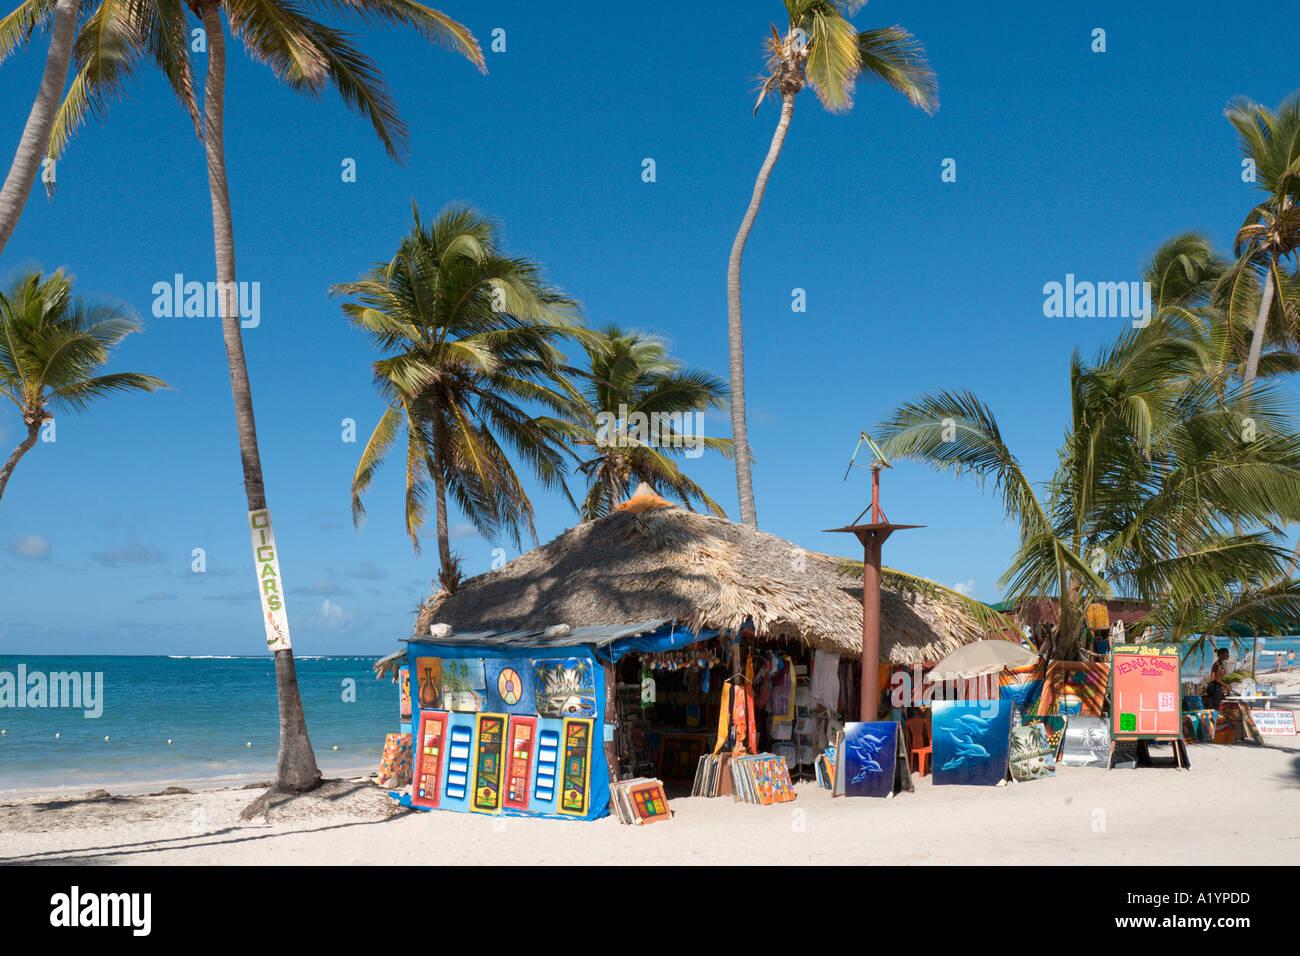 Beach Shop vicino Occidental Allegro Hotel, Bavaro Beach in Punta Cana, Repubblica Dominicana, dei Caraibi Immagini Stock